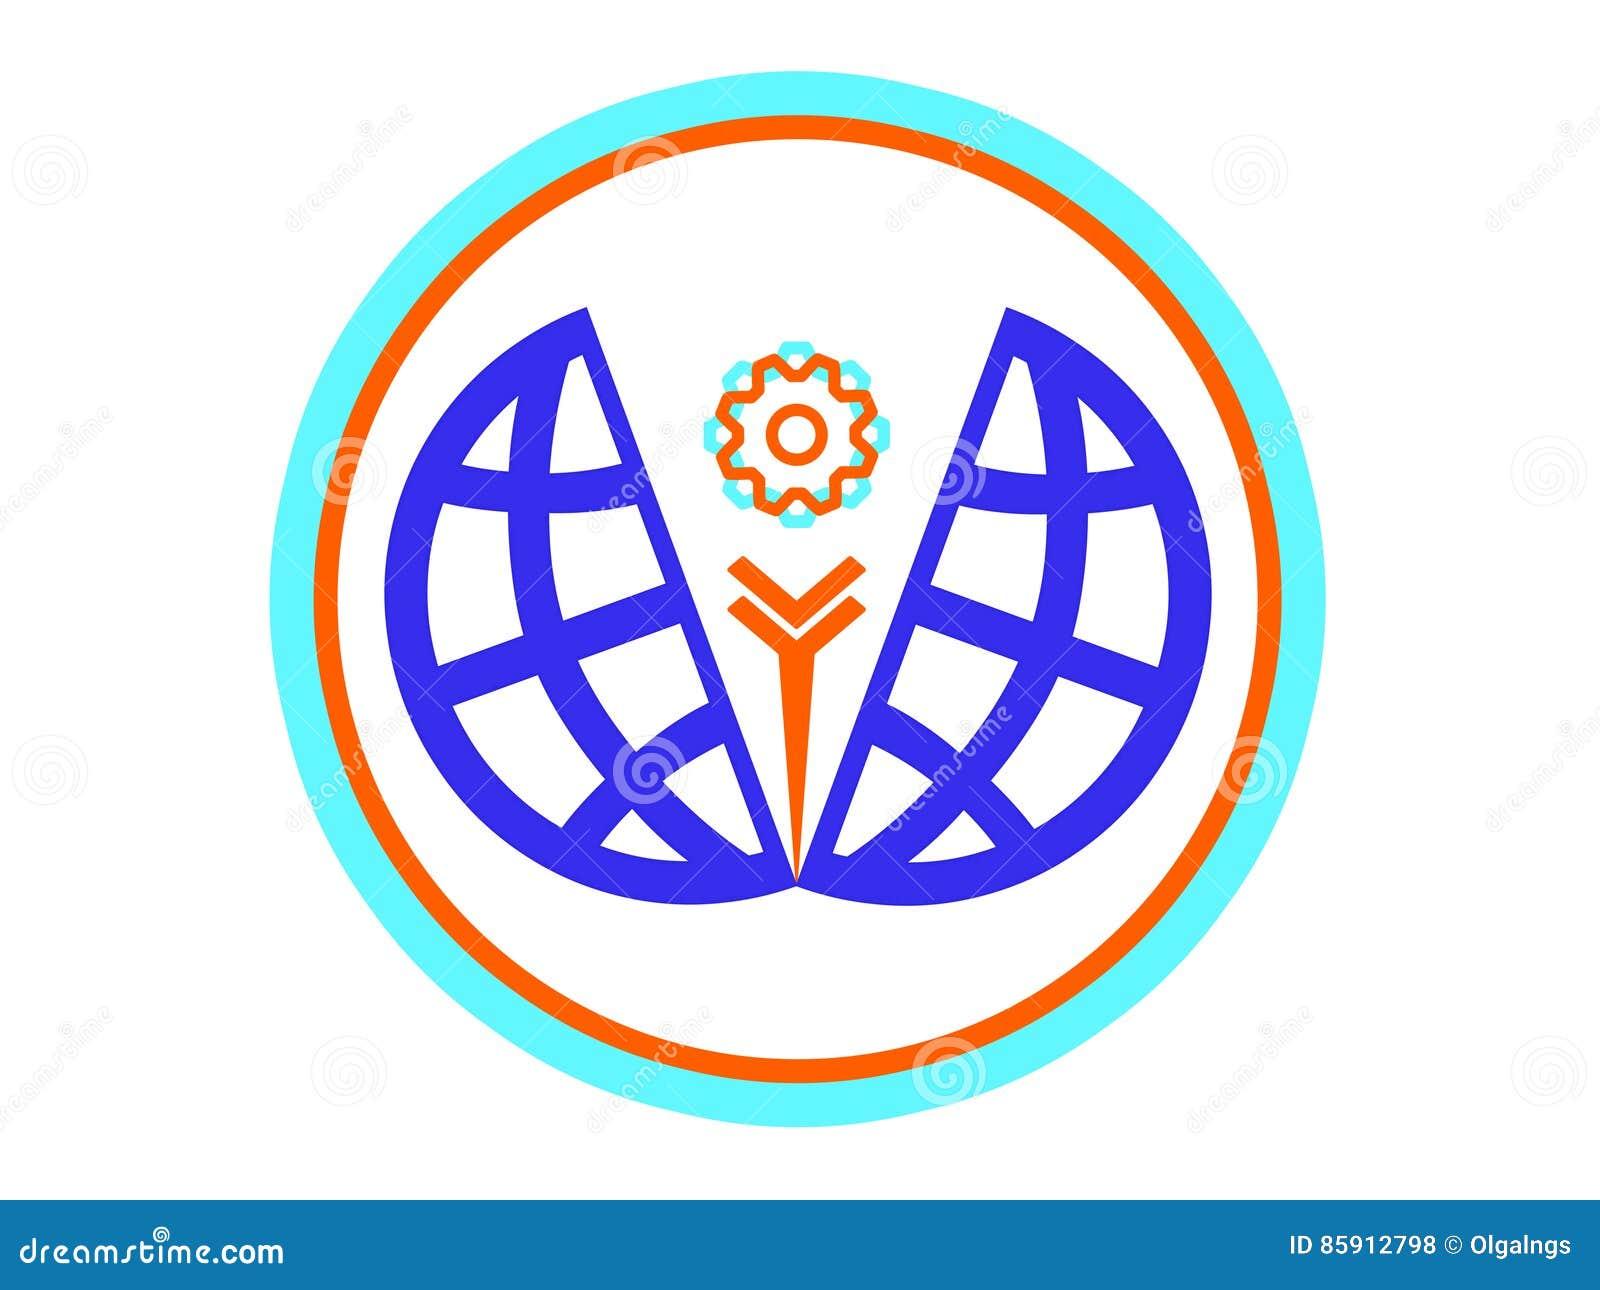 Logotipo, Icono O Emblema Del Desarrollo Del Mundo Stock de ...